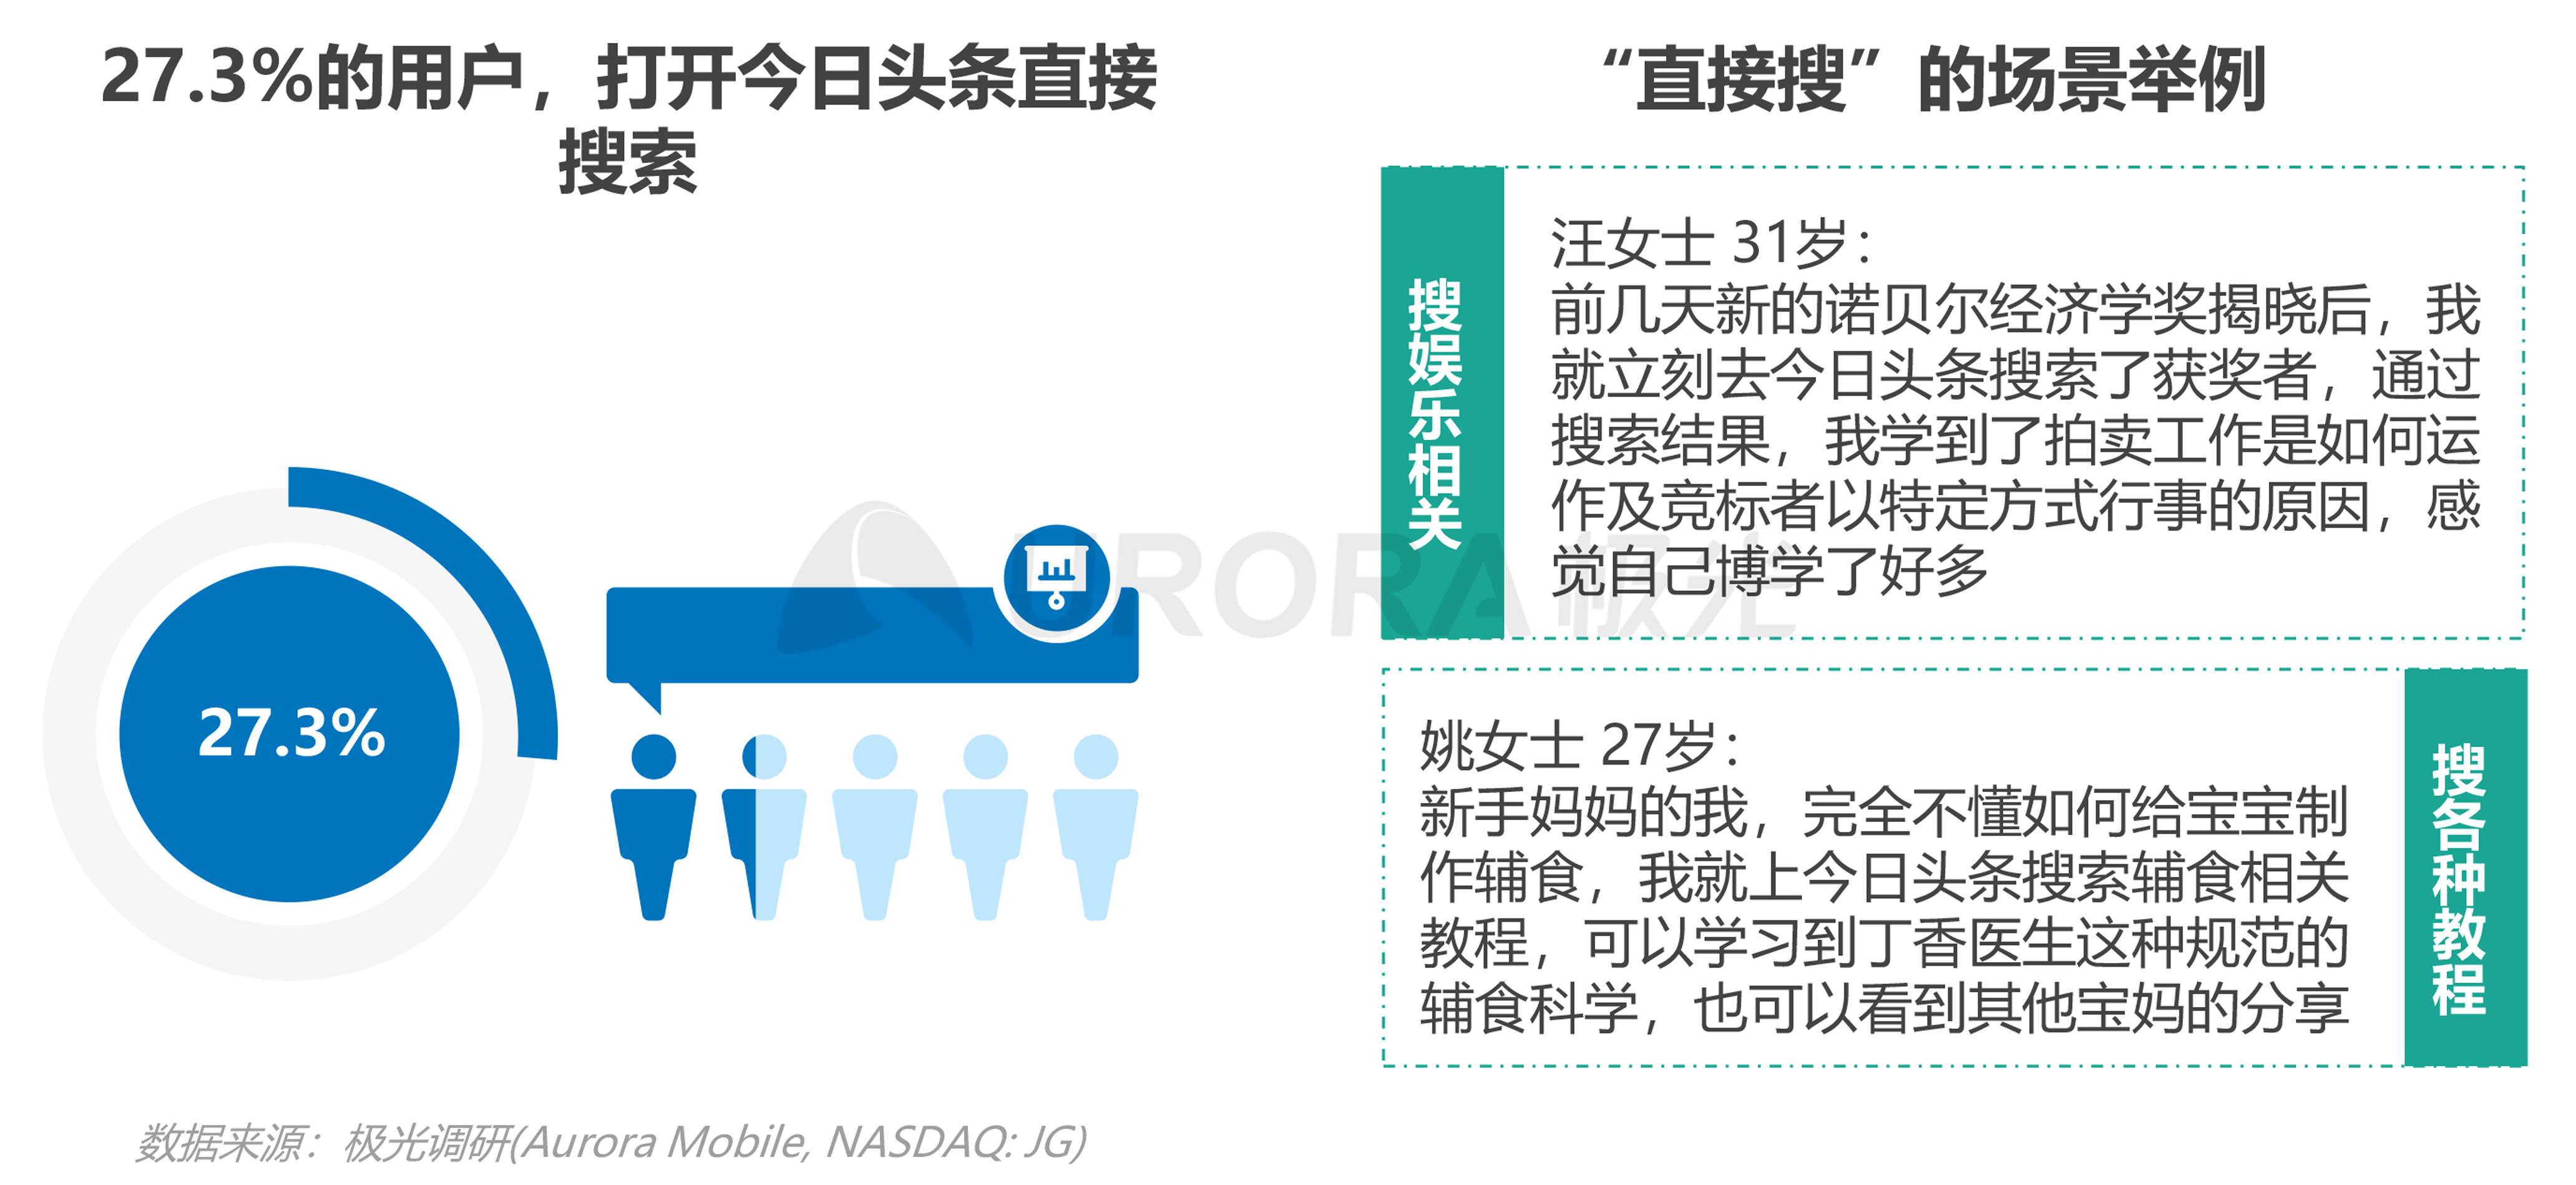 极光:内容生态搜索趋势报告png (34).png